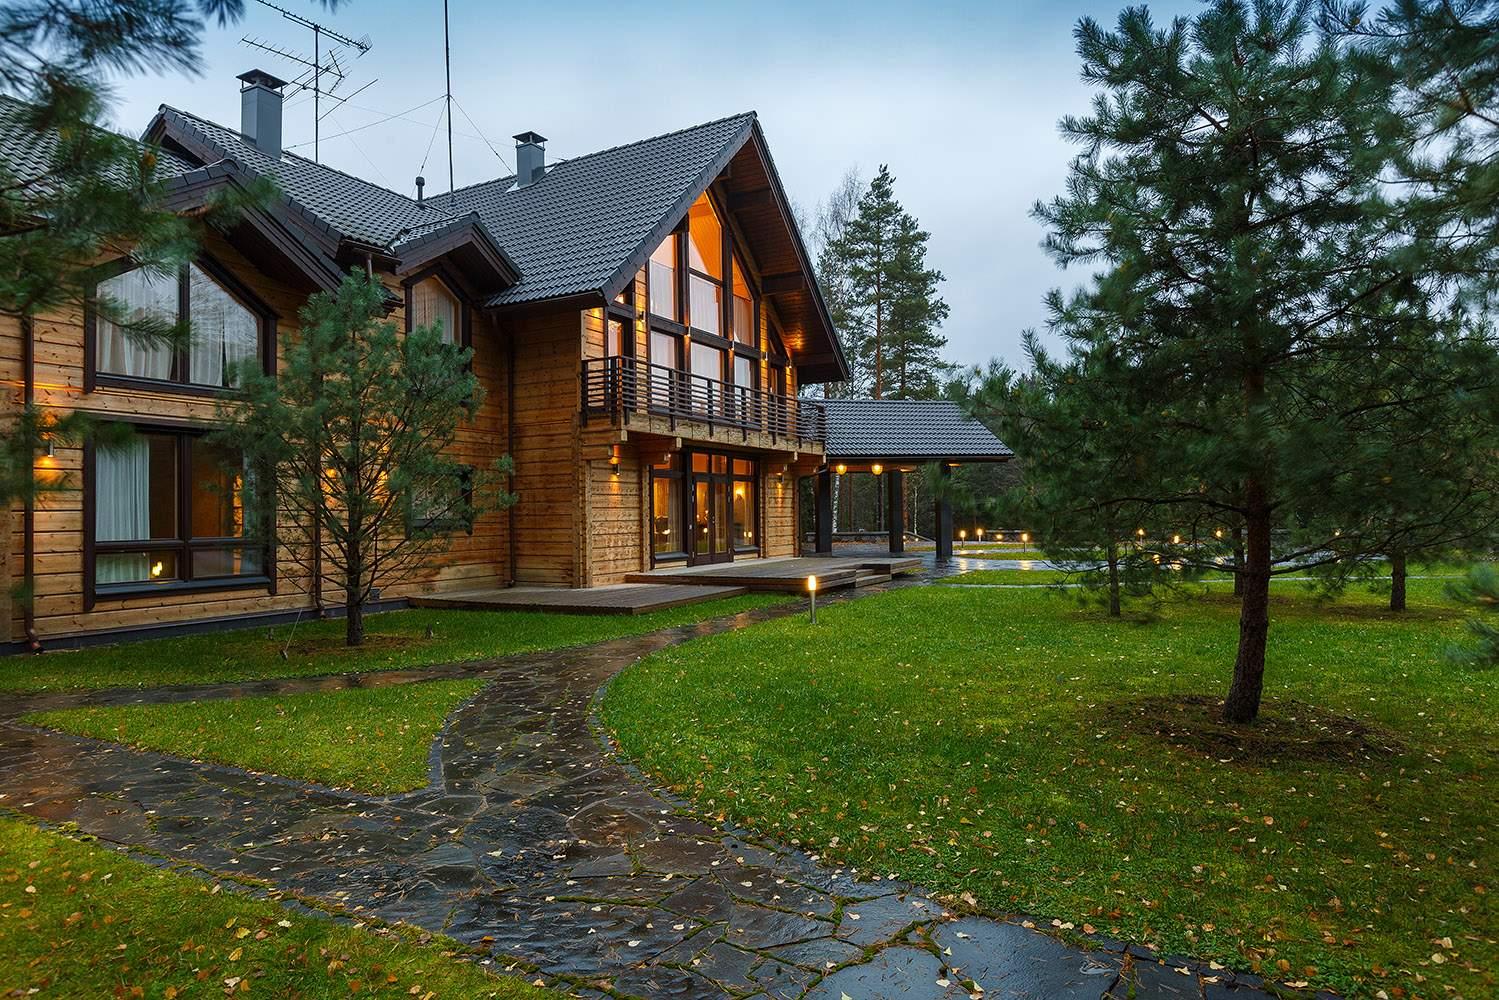 Загородный дом из бруса в сосновом лесу, Россия